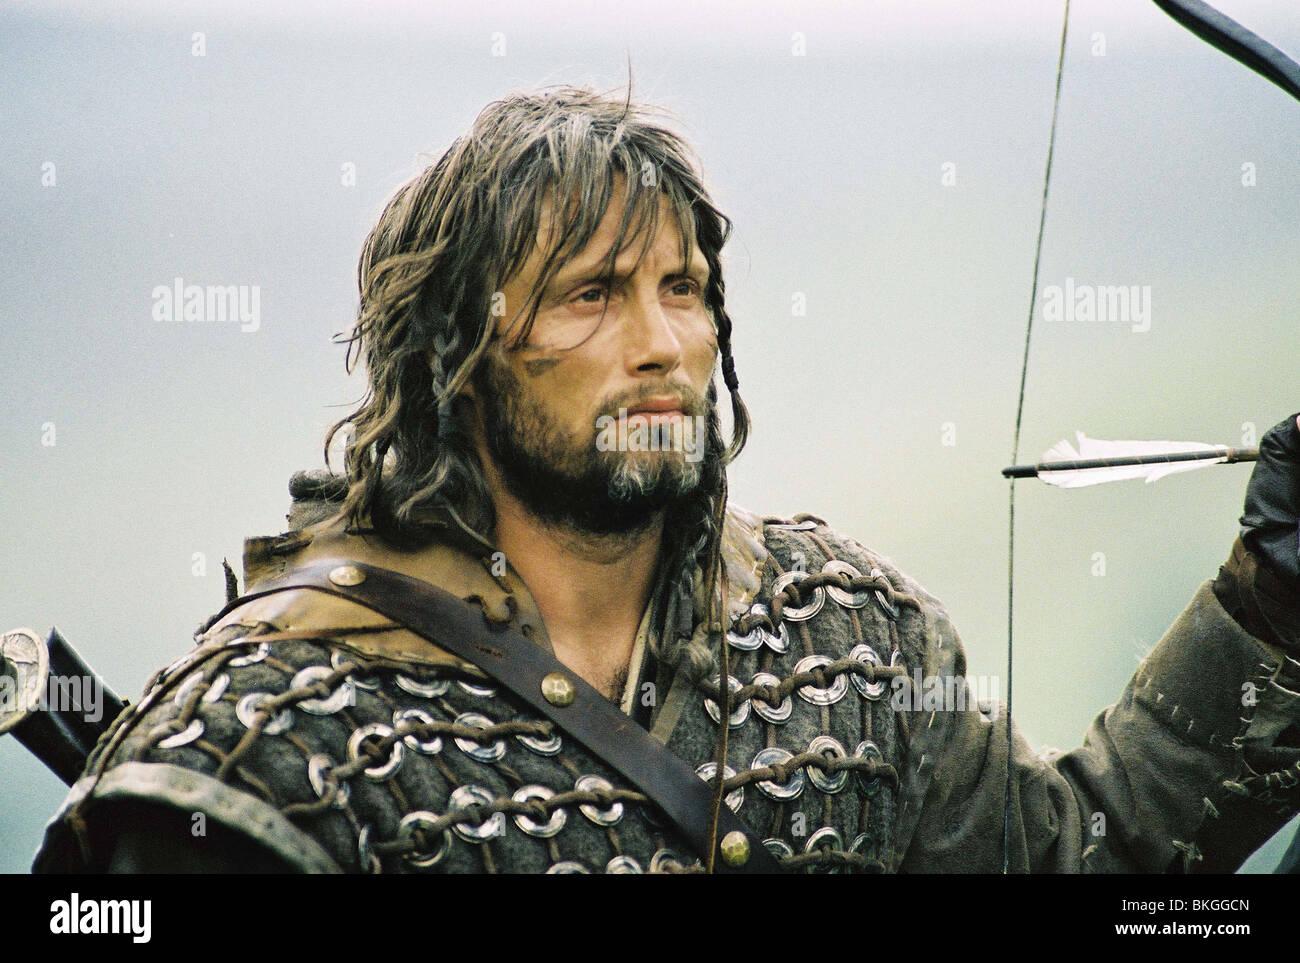 KING ARTHUR (2004) MADS MIKKELSEN KART 001-40 - Stock Image